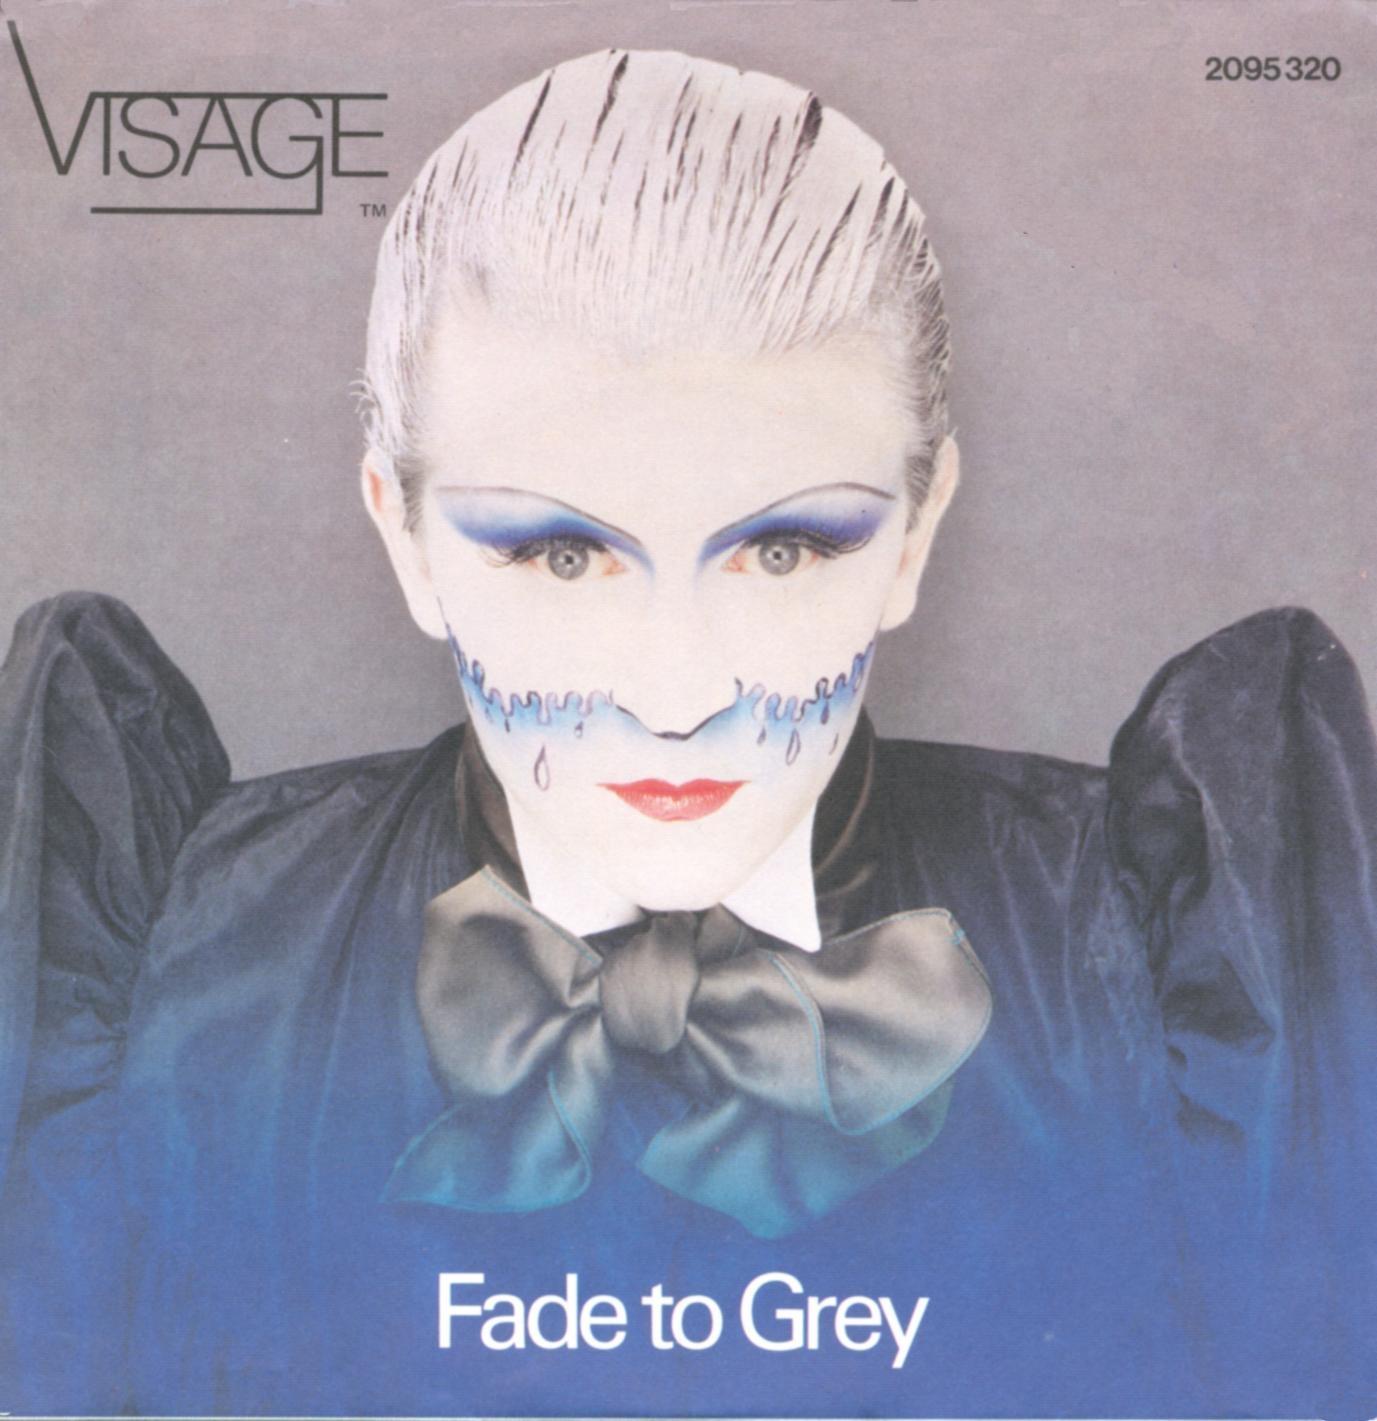 Fade to grey (Foto: Visage)